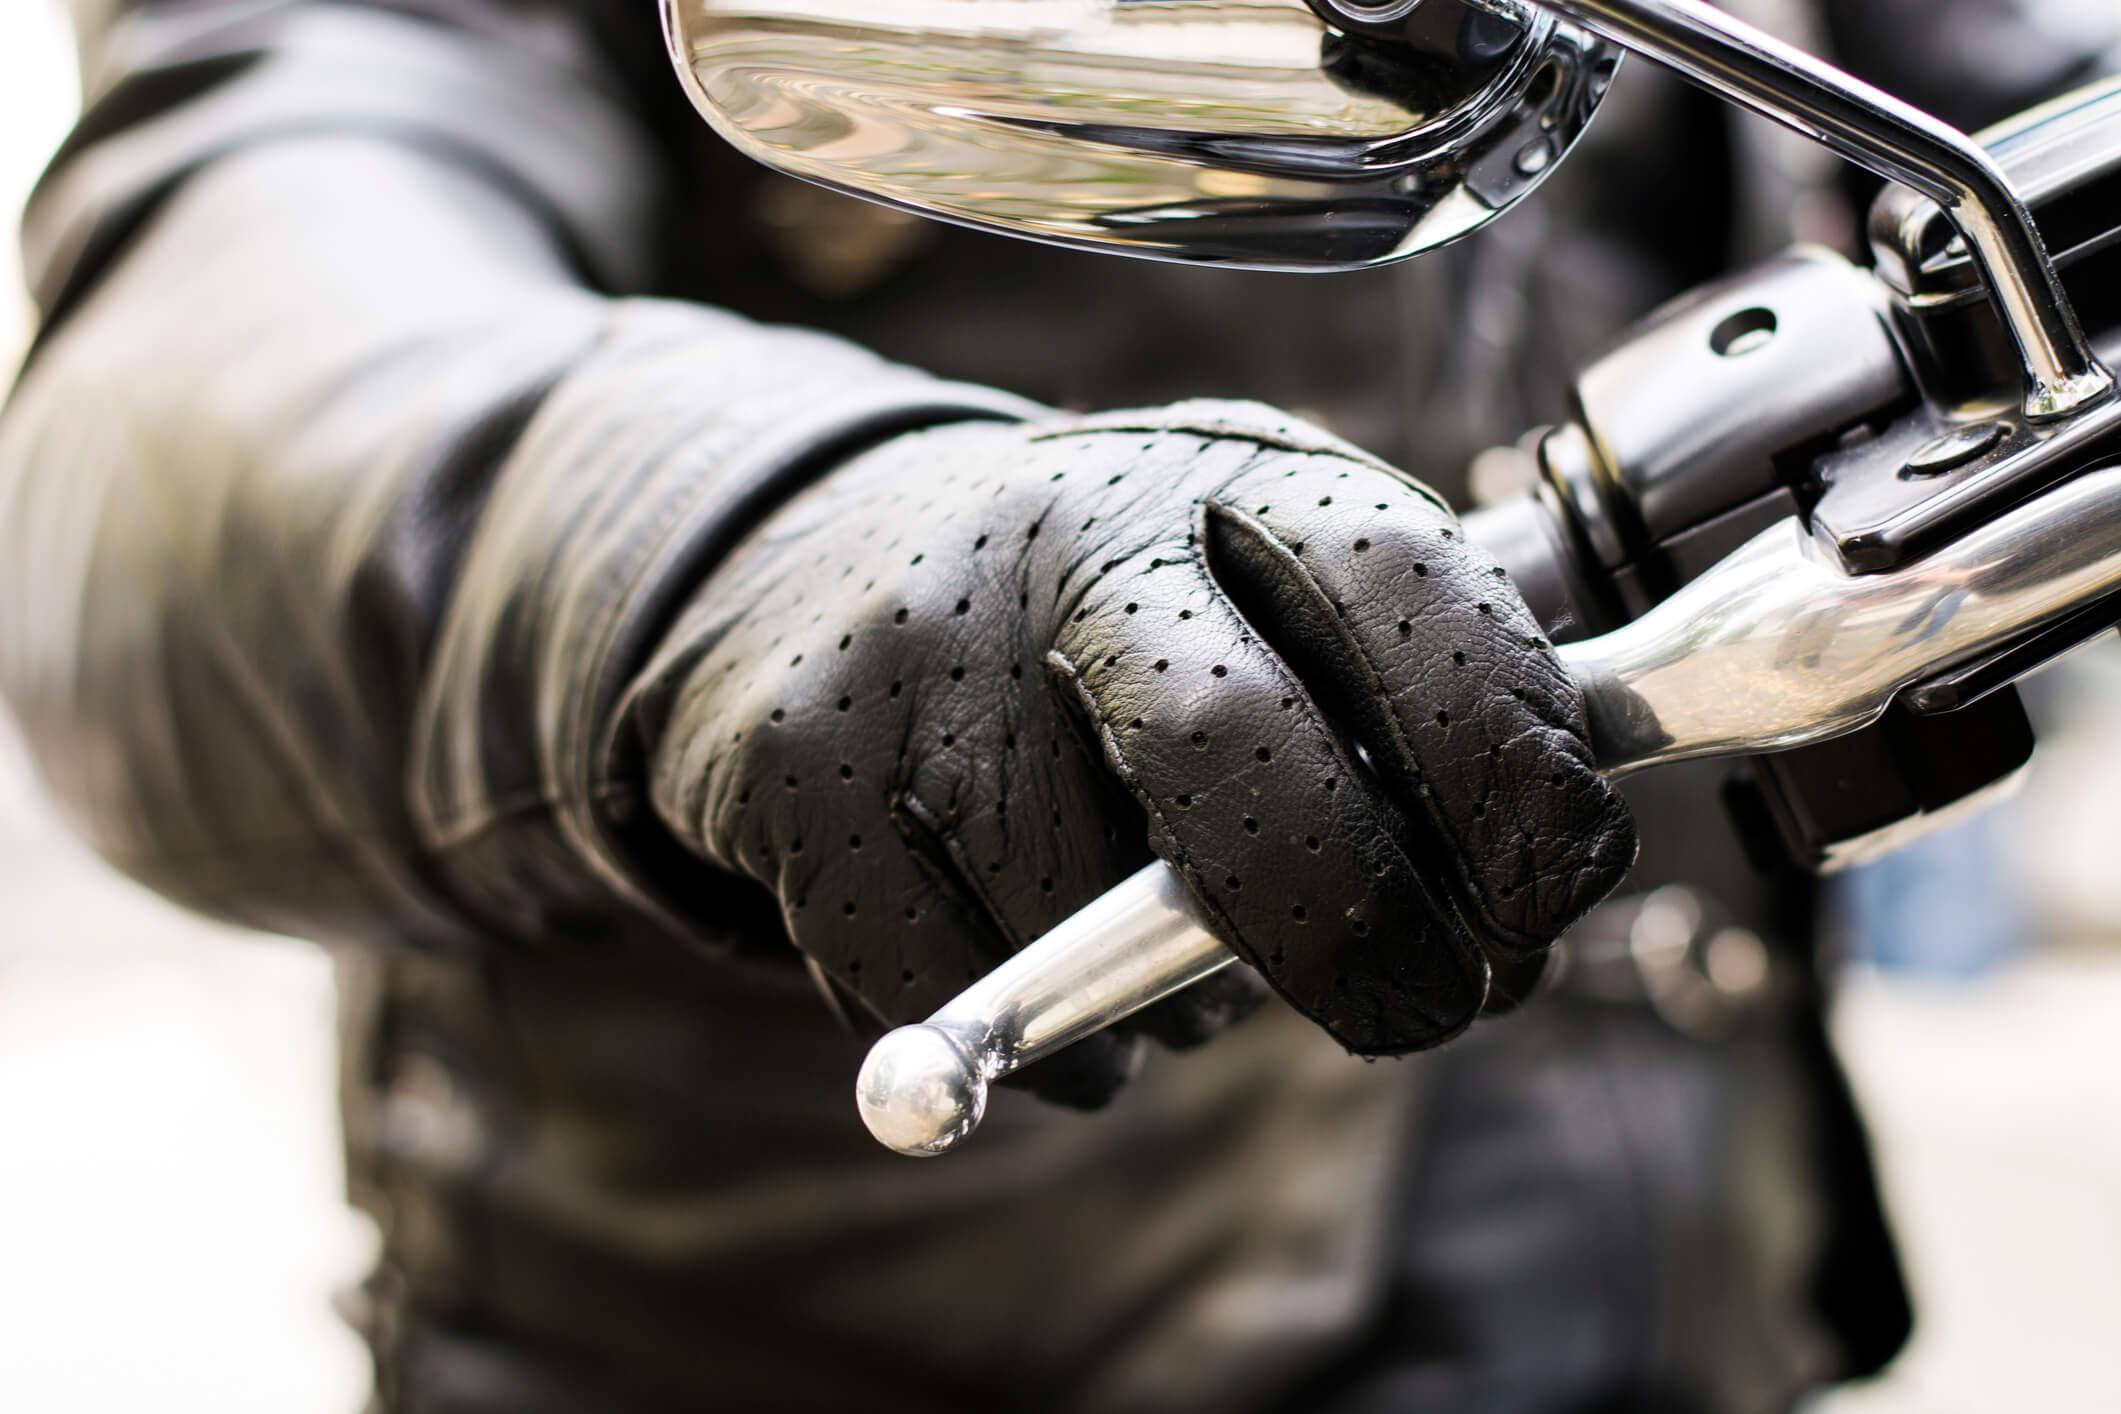 Leilão de Moto Online – Veja Como Participar e Adquira Sua Moto Nova!